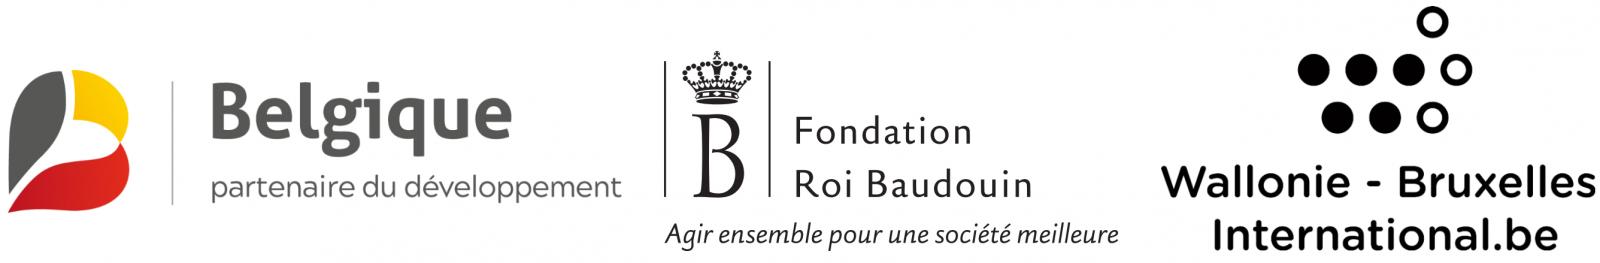 Avec le soutien de la Coopération belge au développement, de la Fondation Roi Baudouin et de Wallonie-Bruxelles International (WBI).